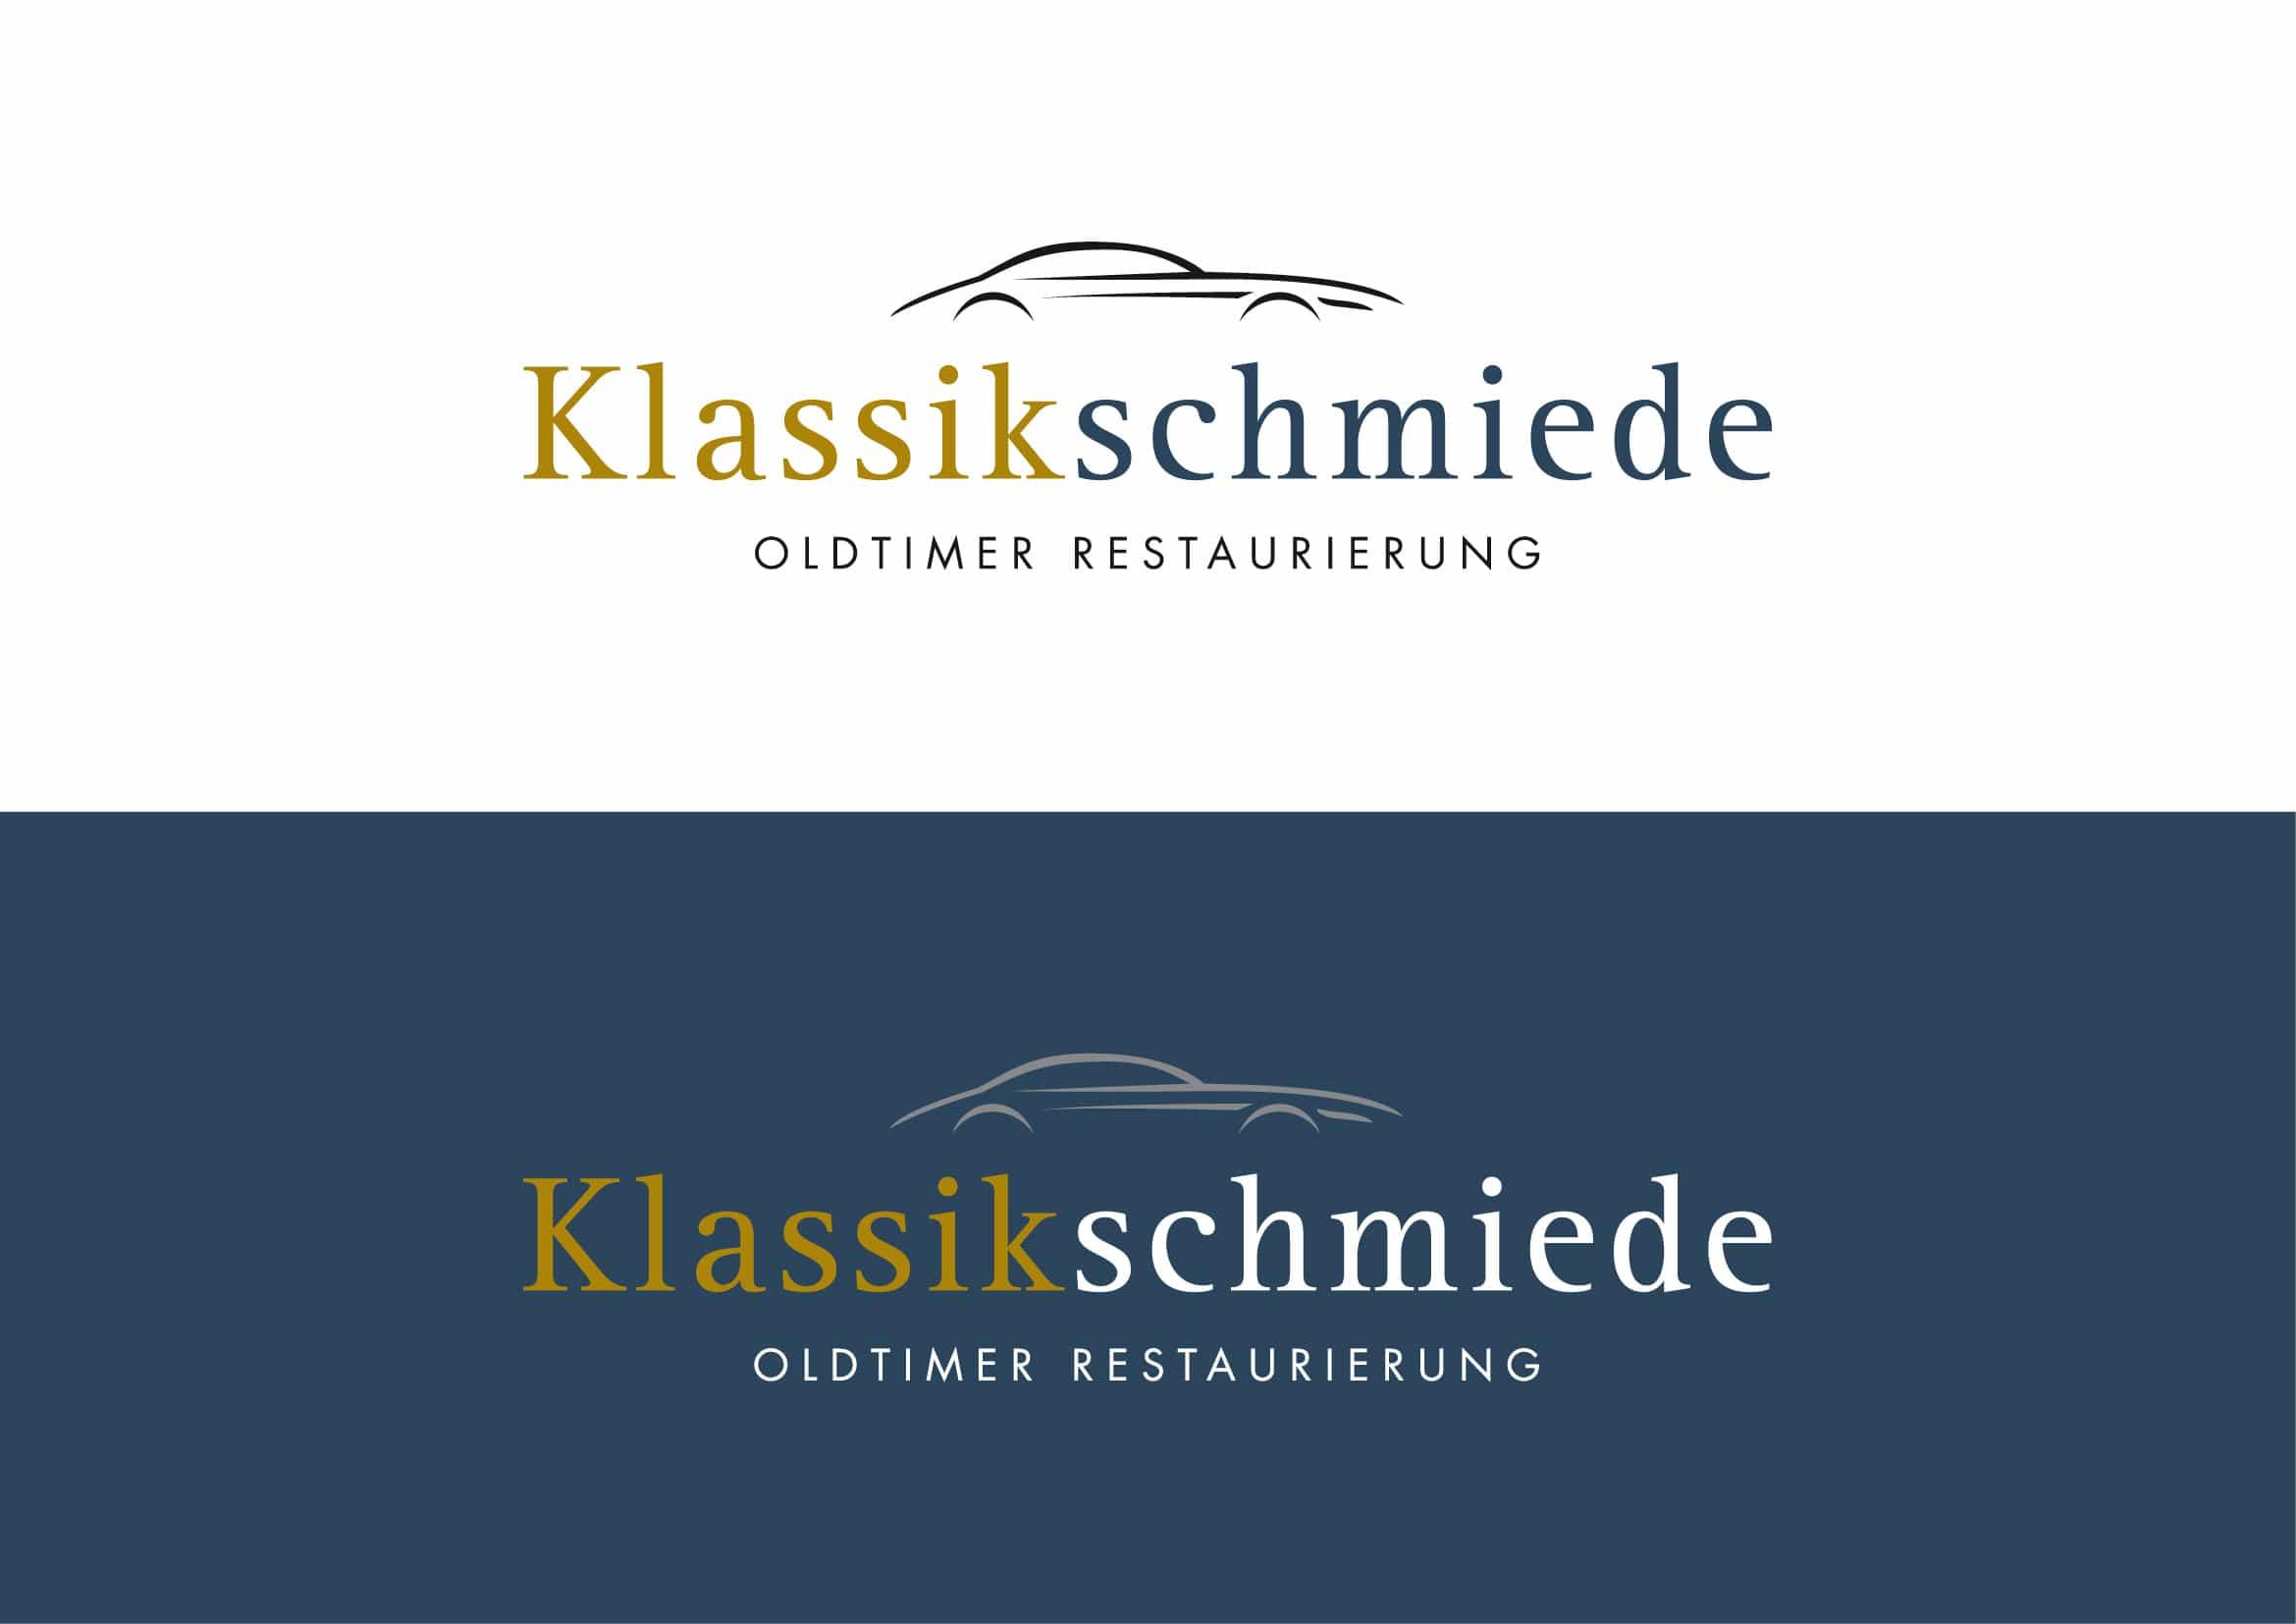 Corporate Design Entwicklung für Oldtimer Manufaktur durch Grafik-Designer Ronald Wissler Frankfurt